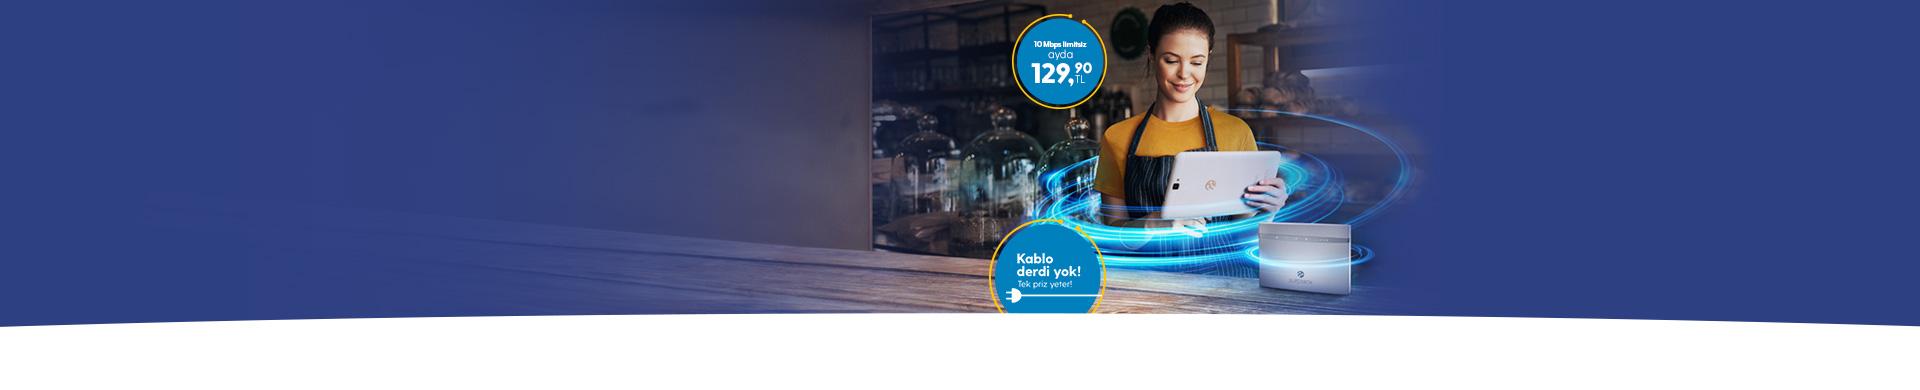 Superbox ile Turkcell Fiber Hızı Her Yerde